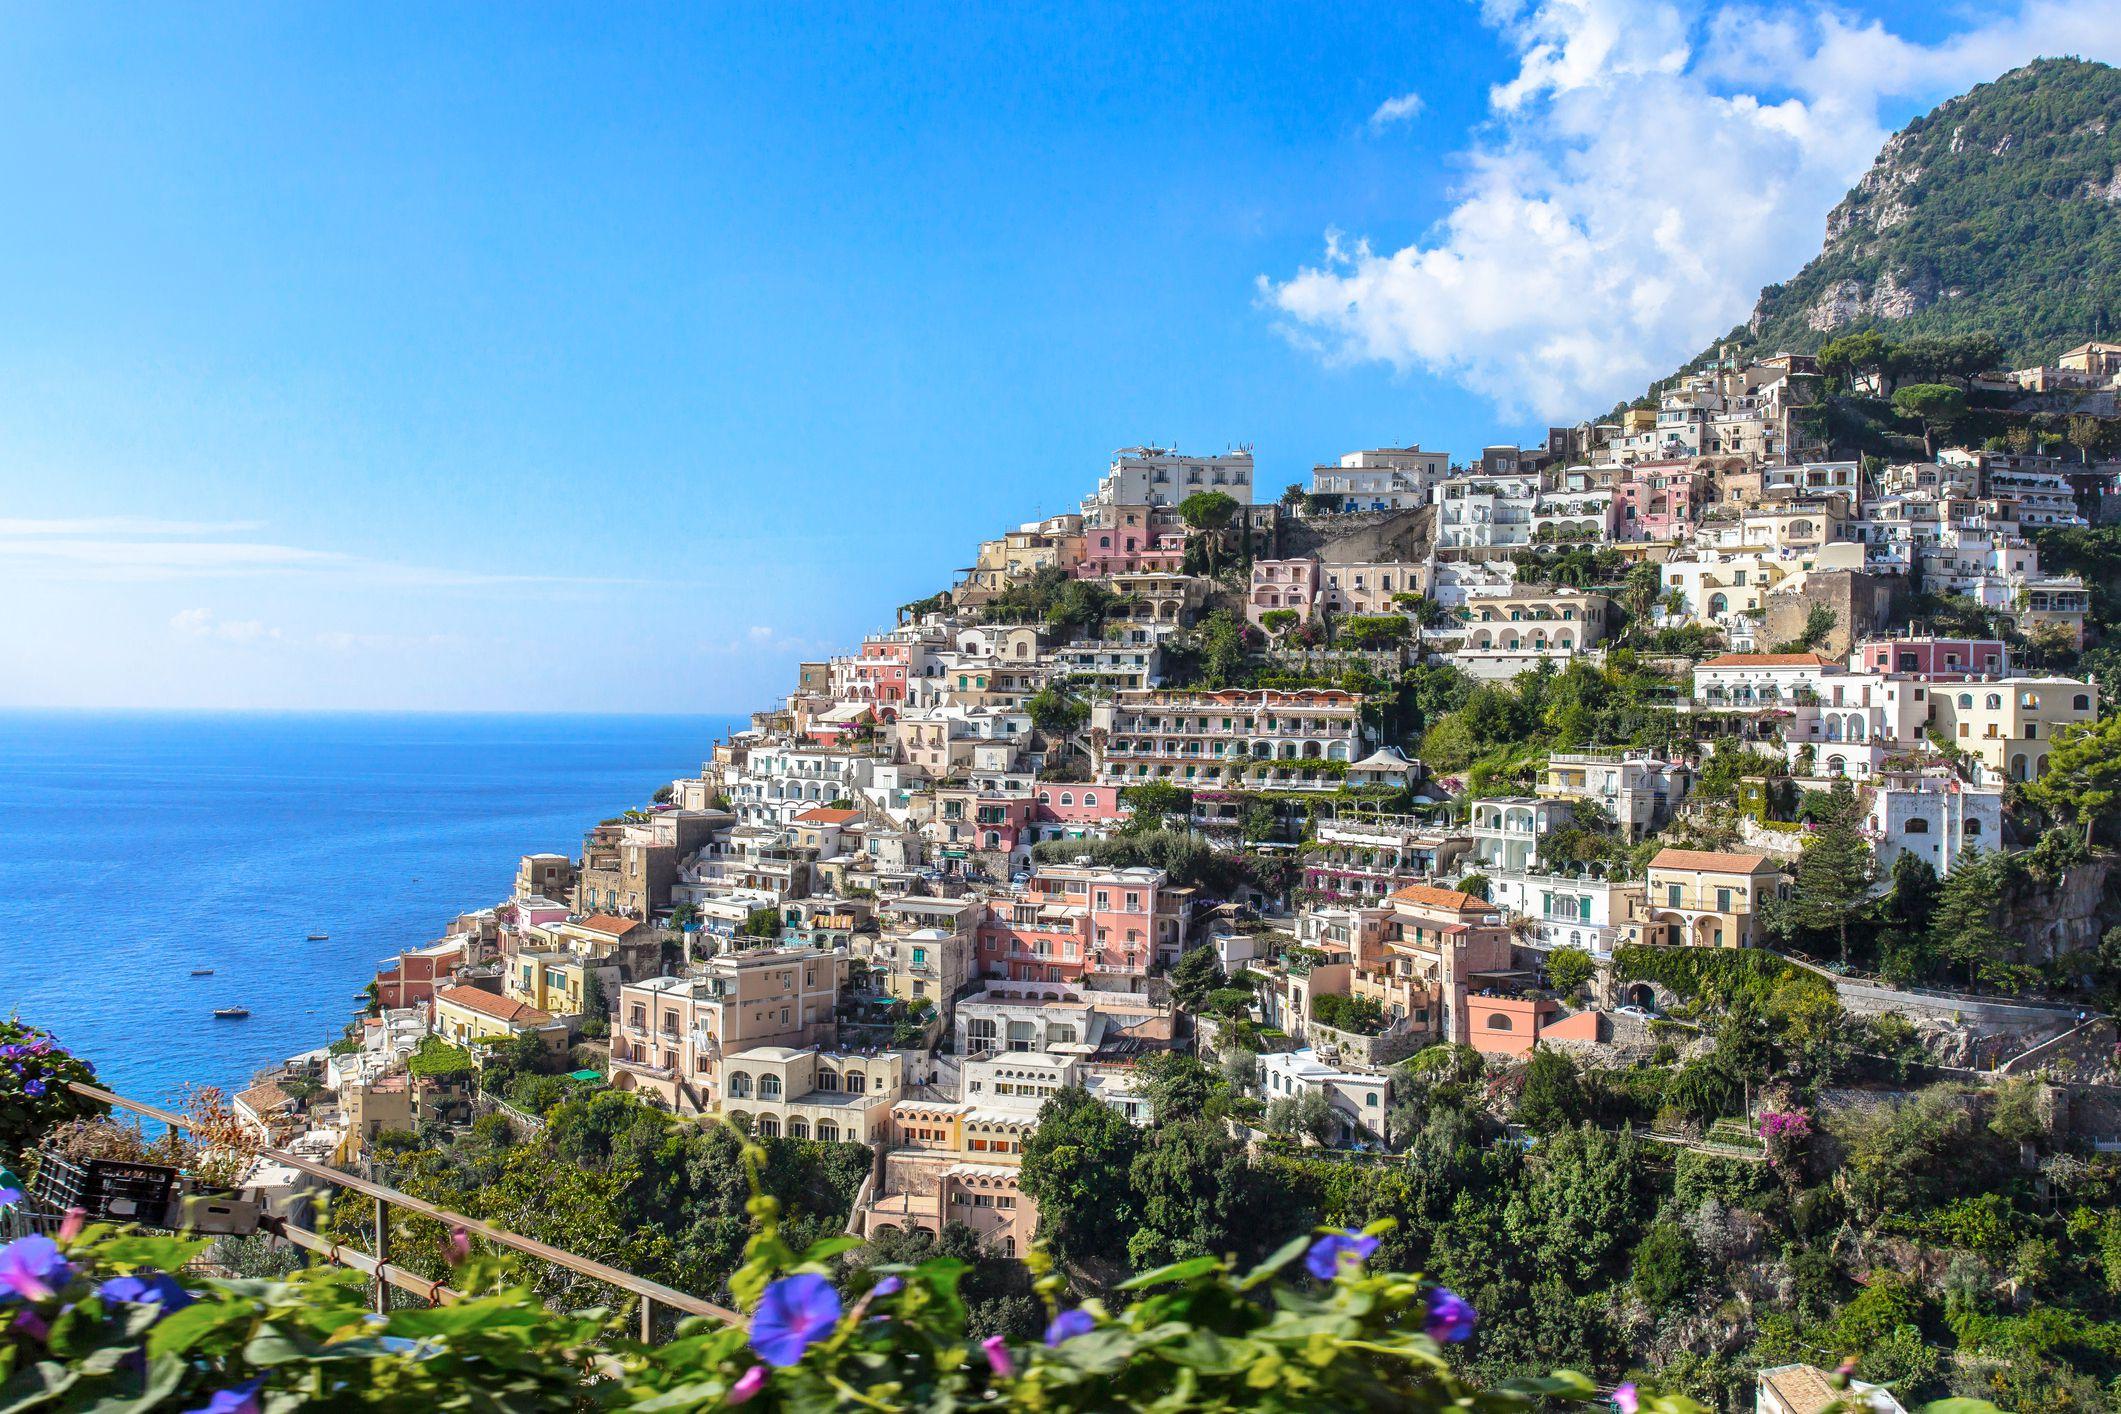 Los colores brillantes de la península de Amalfi